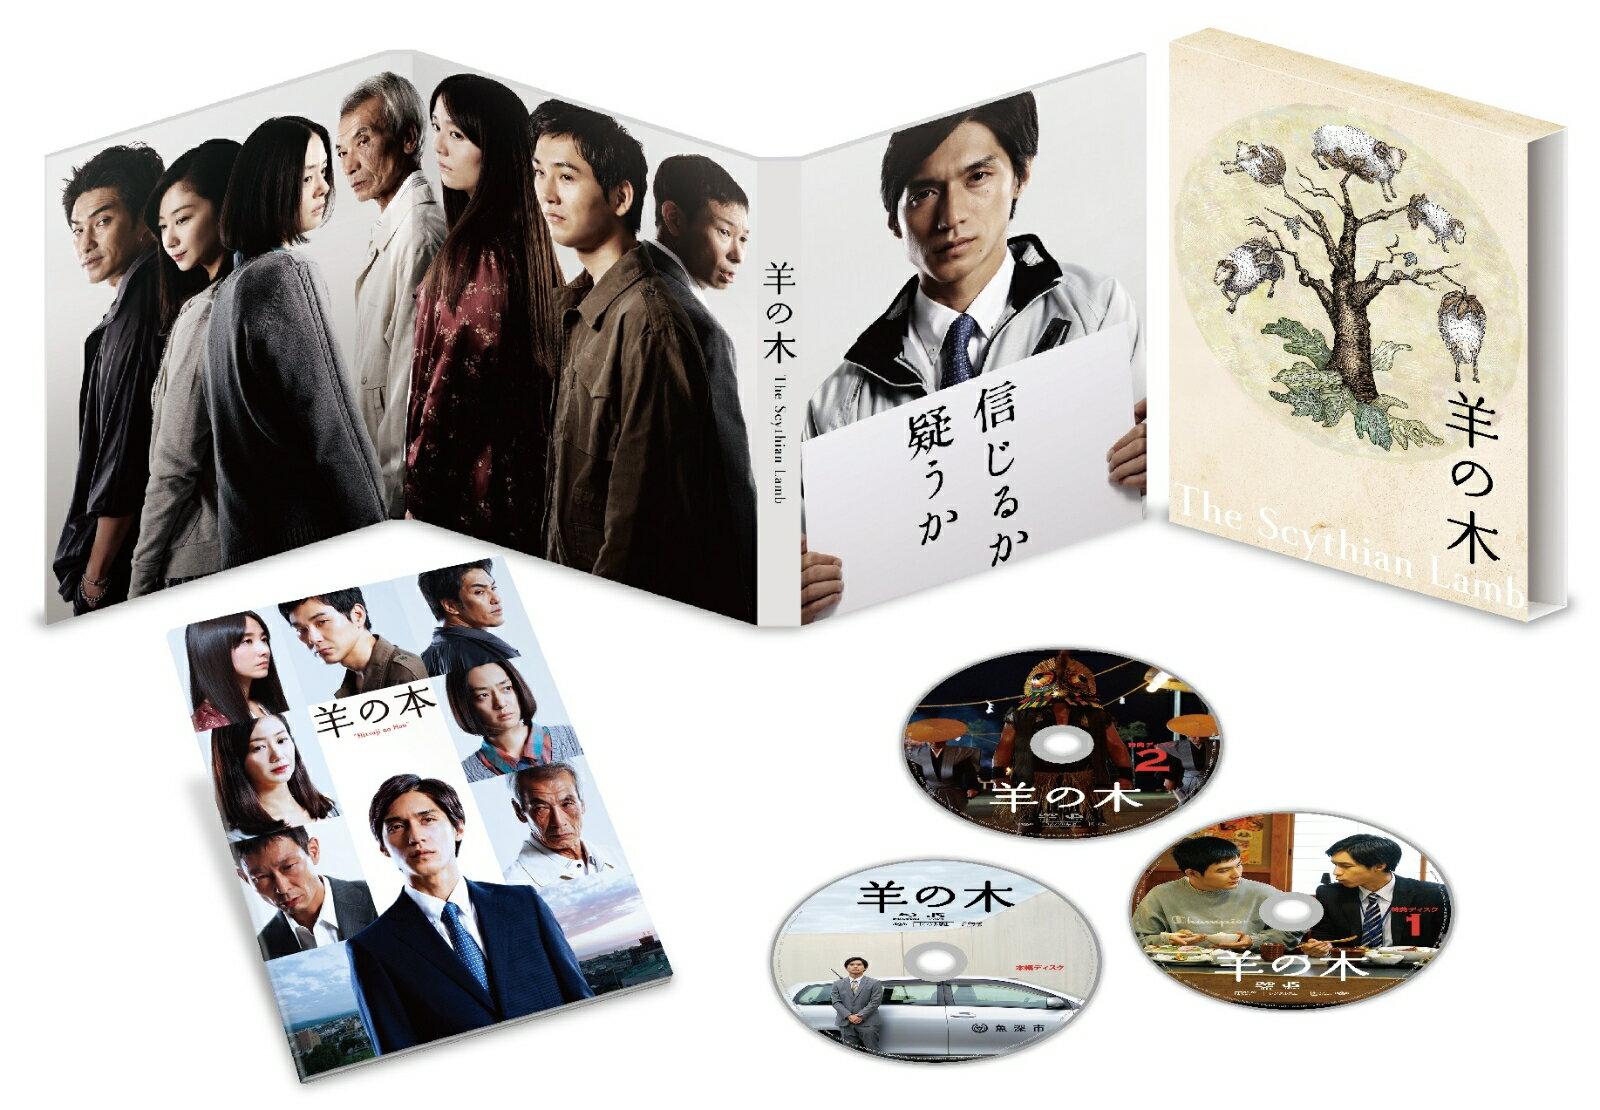 映画「羊の木」 DVD豪華版(3枚組)